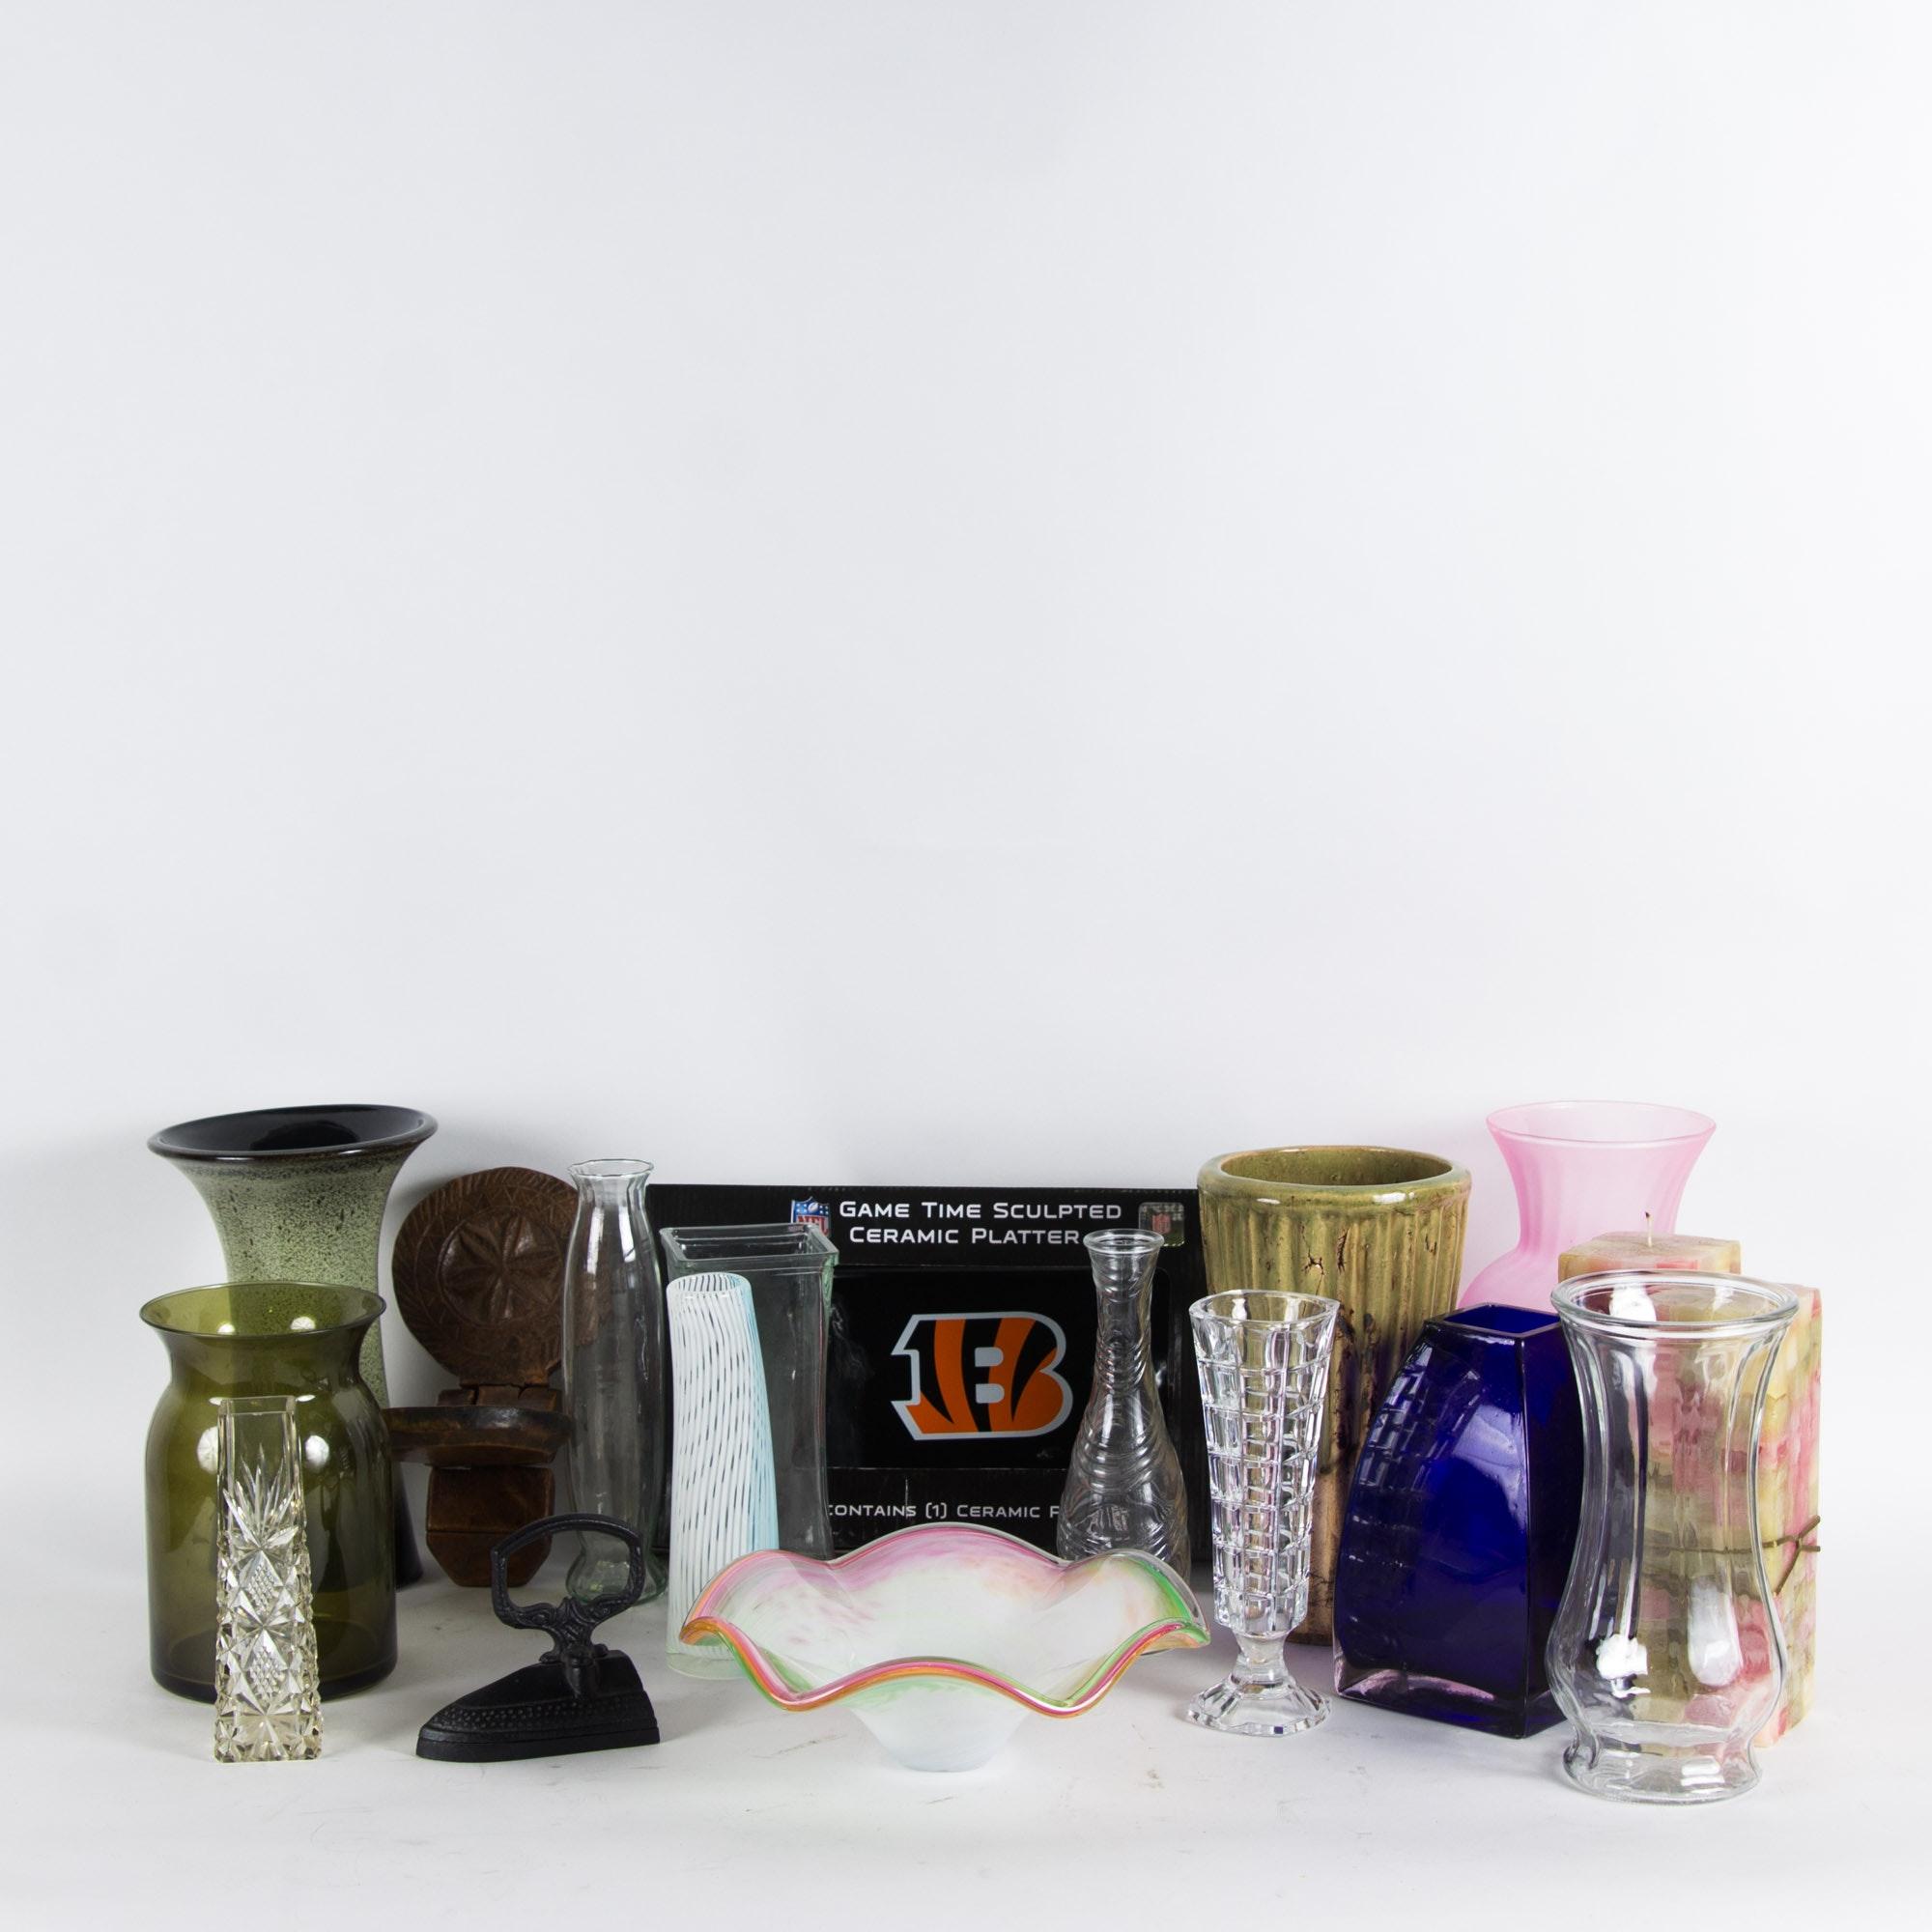 Assortment of Glass and Ceramic Home Decor